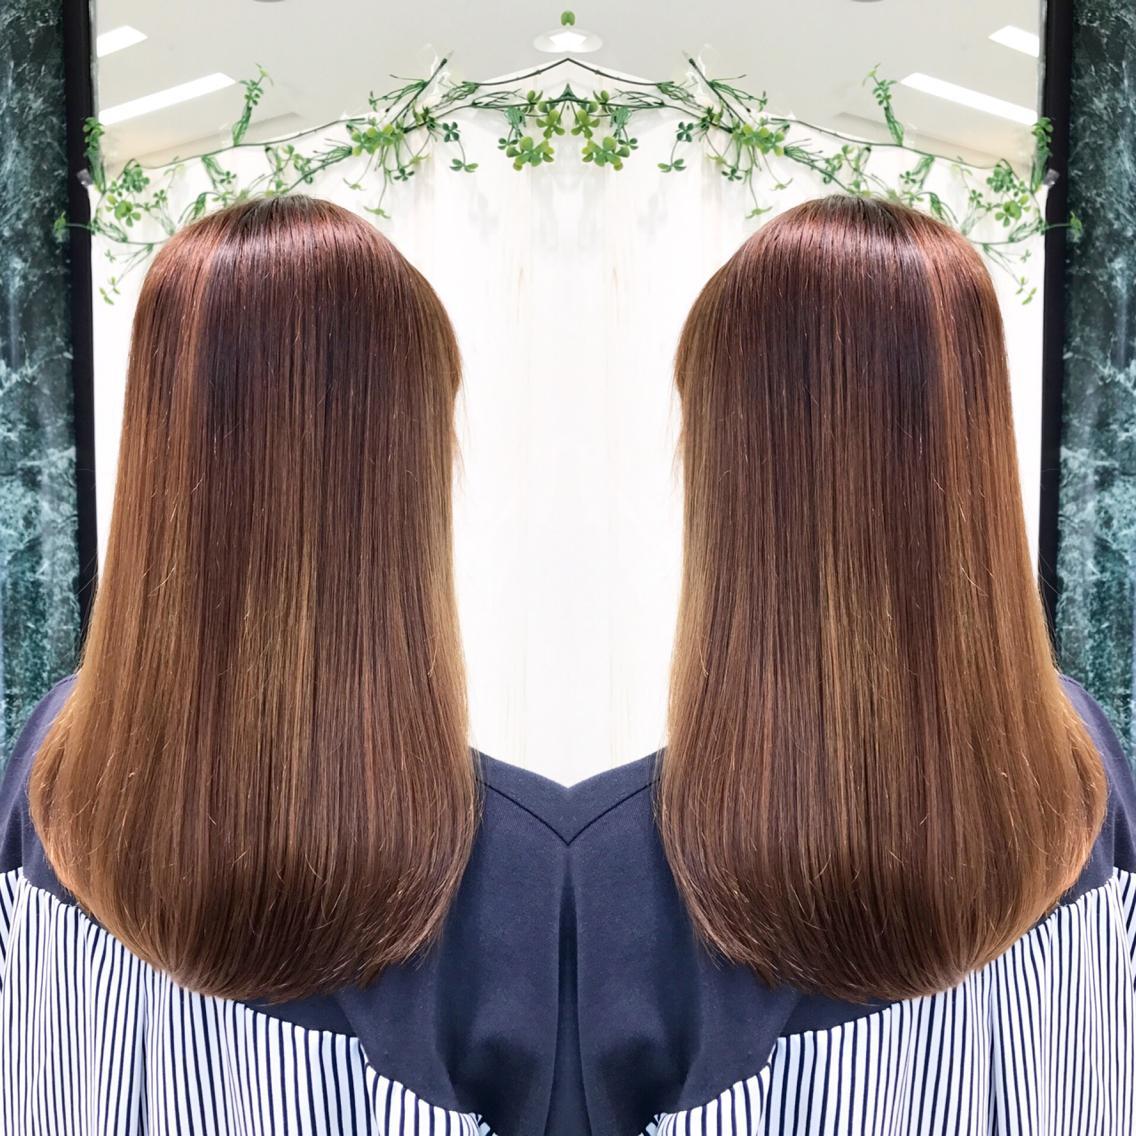 #ミディアム #パーマ ダメージレス❣️プレミアム縮毛矯正でサラツヤな髪へ💇✨